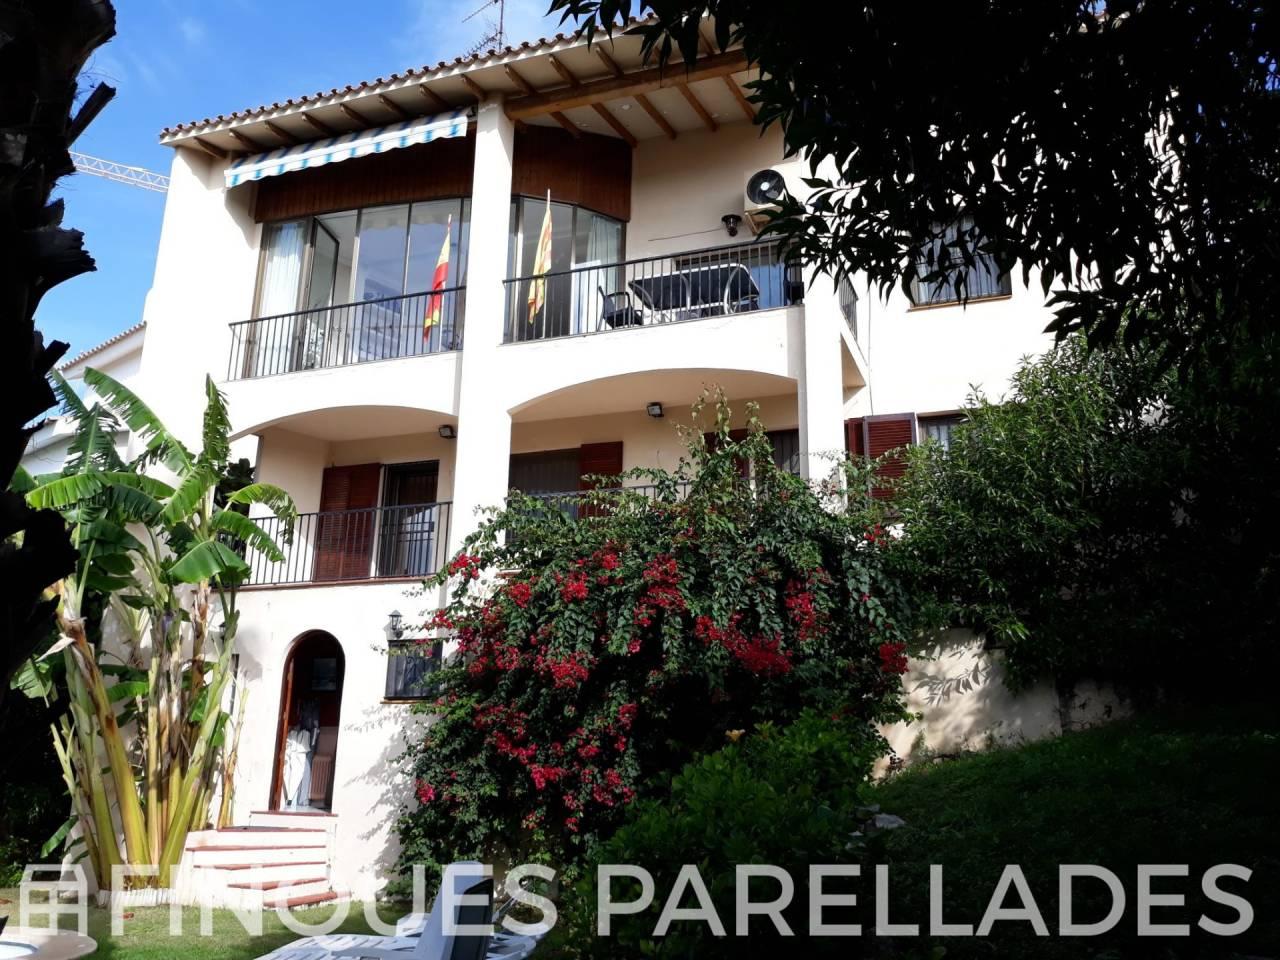 Дом аренда недвижимости в Vallpineda-Santa Bàrbara